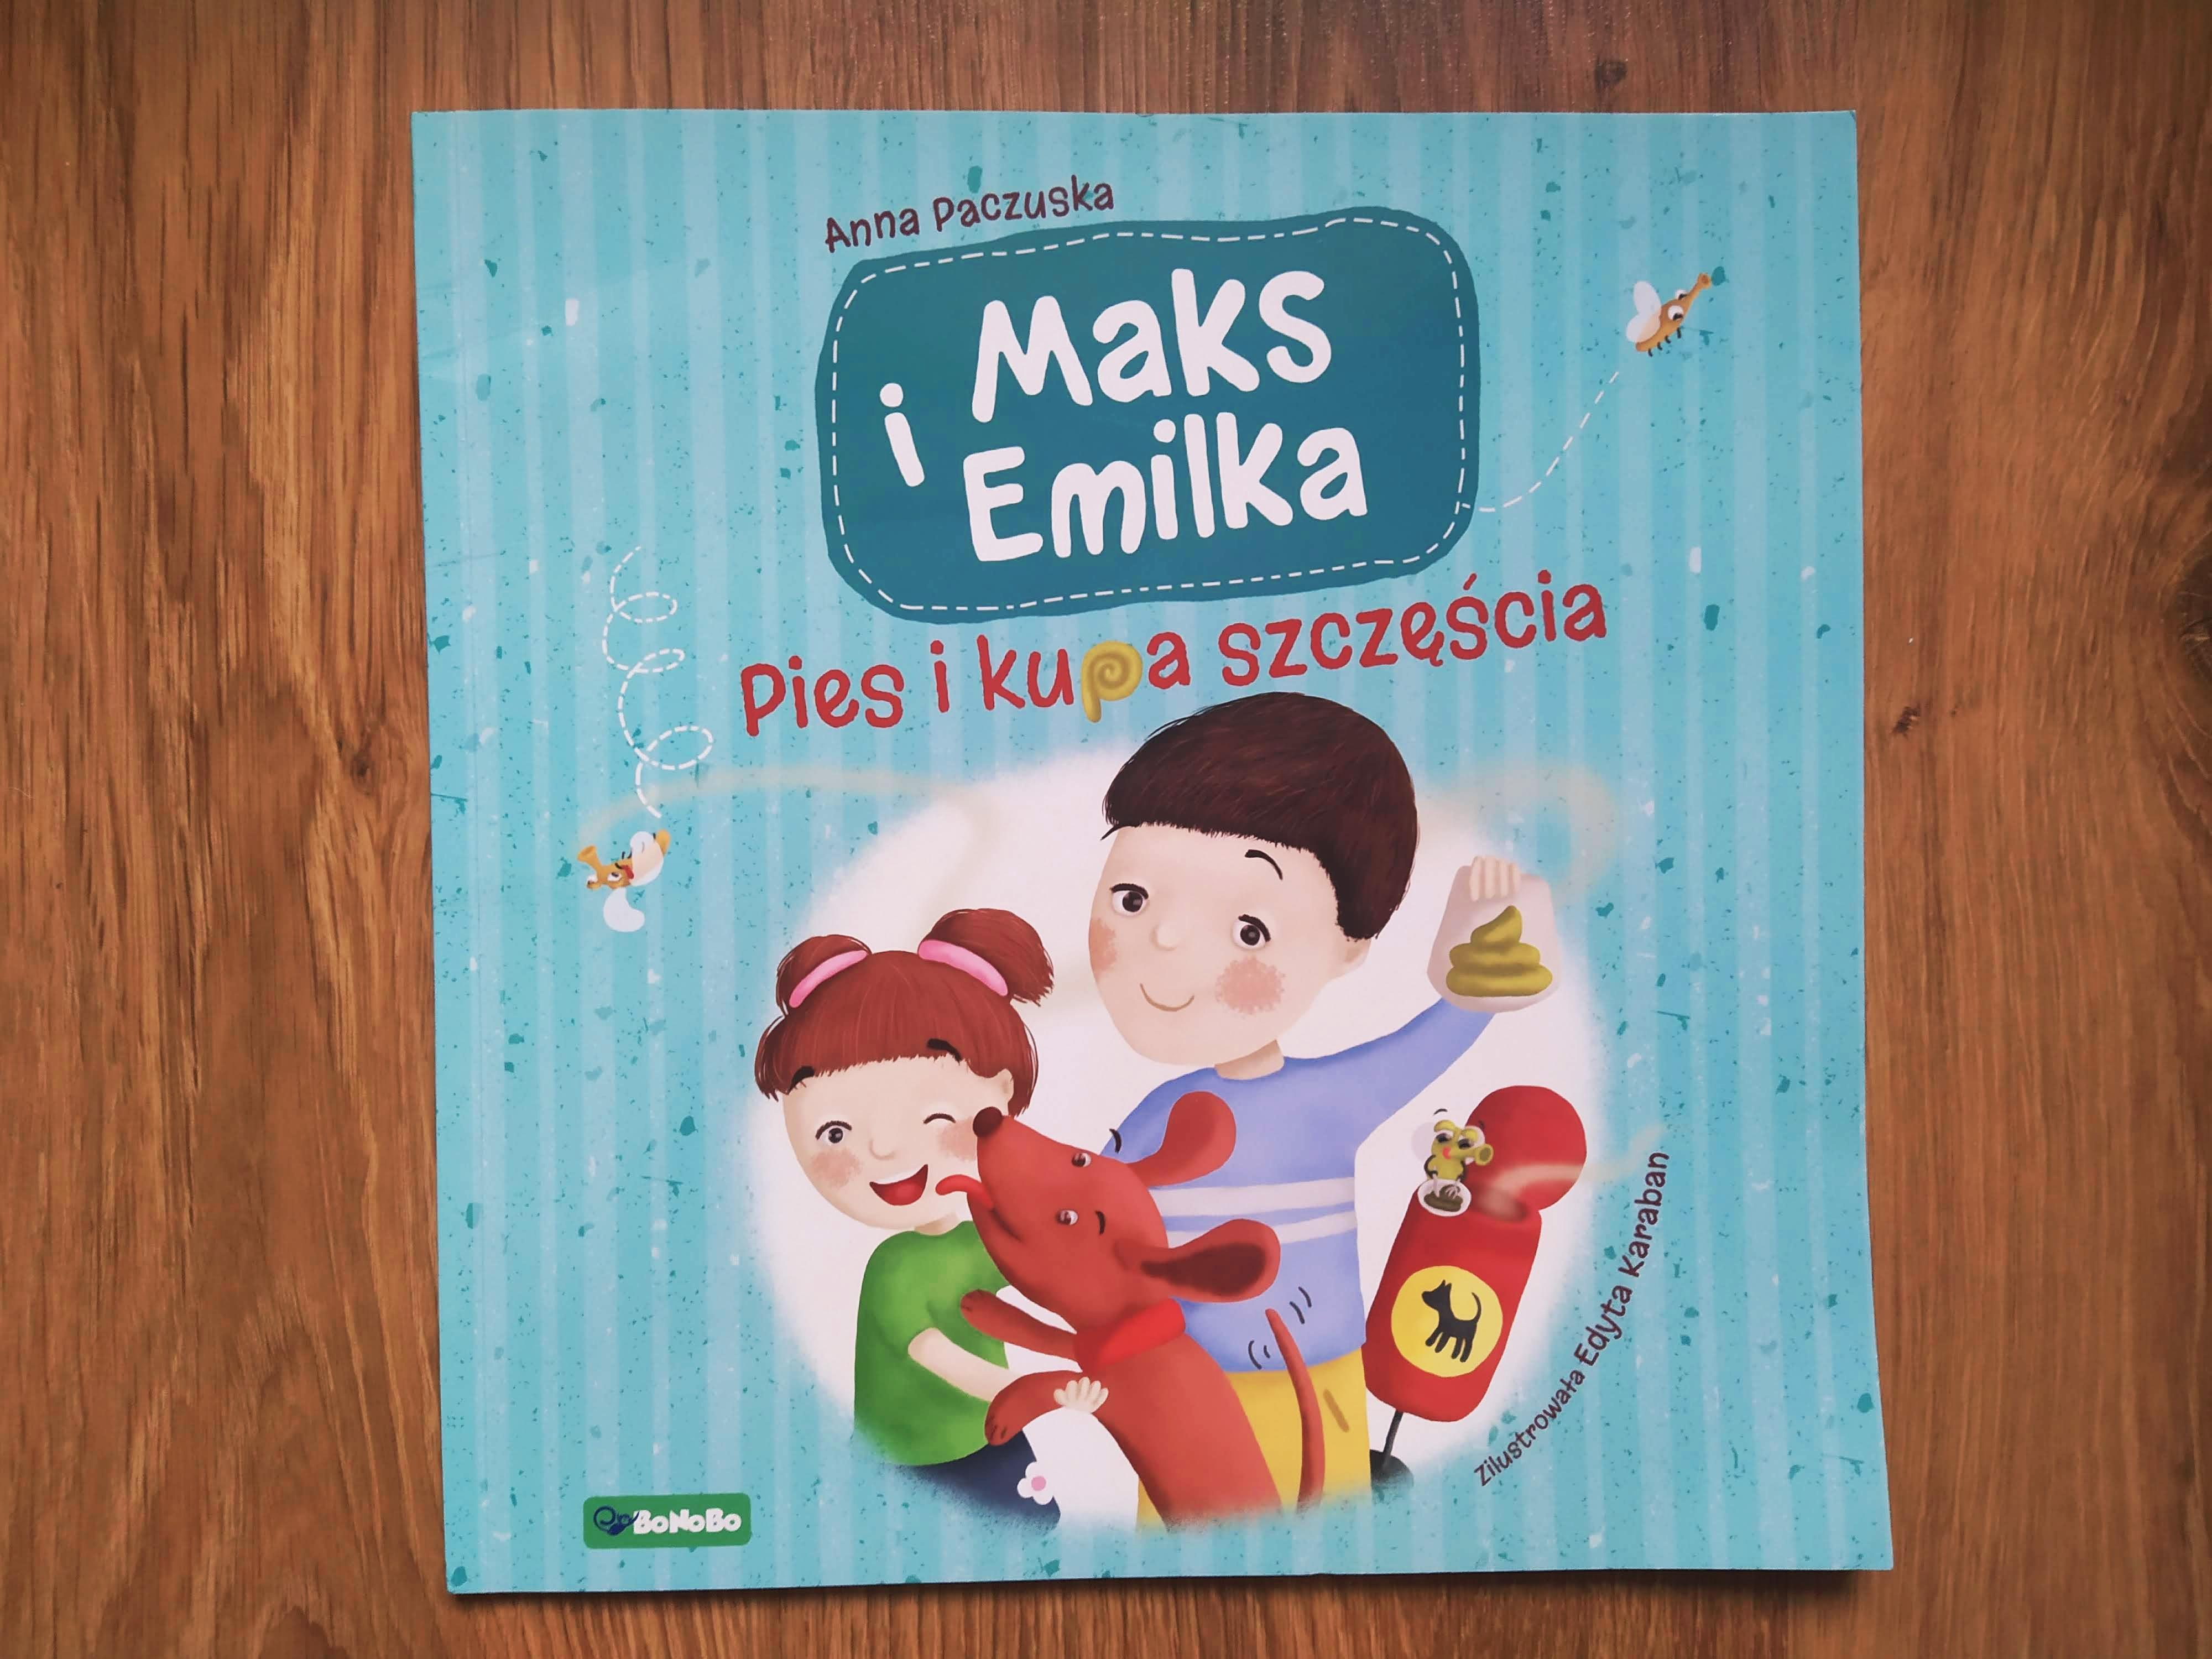 Maks i Emilka. Pies i kupa szczęścia. opinie o książce dla dzieci